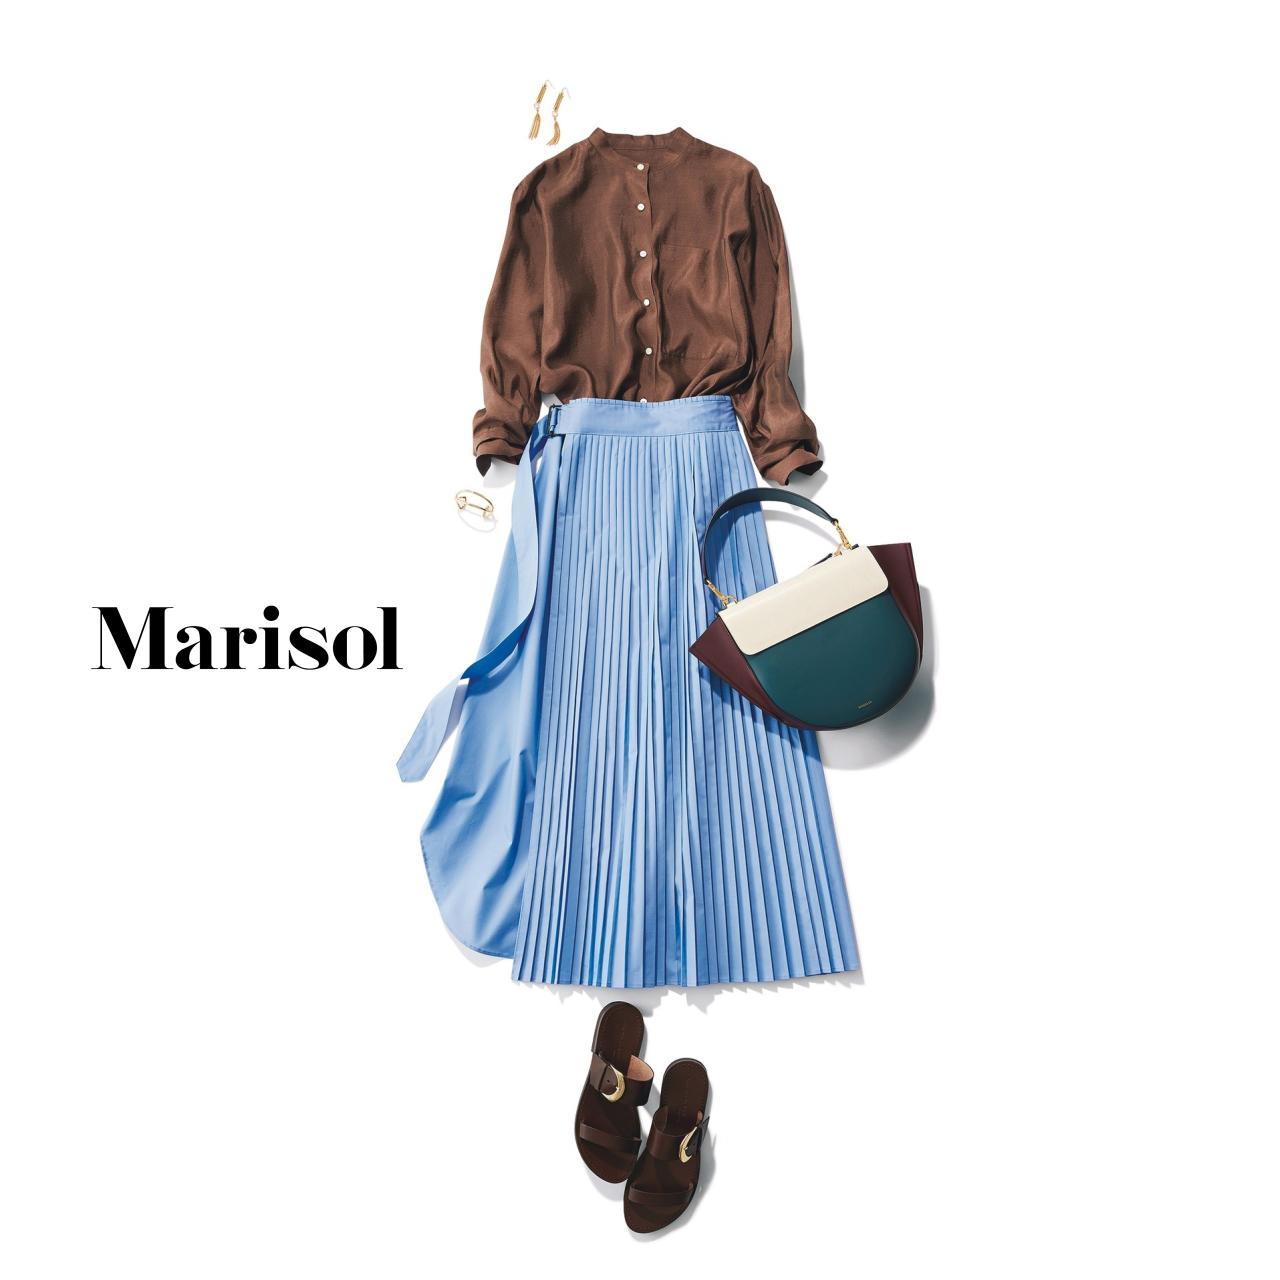 40代ファッション ブラウス×プリーツロングスカートコーデ